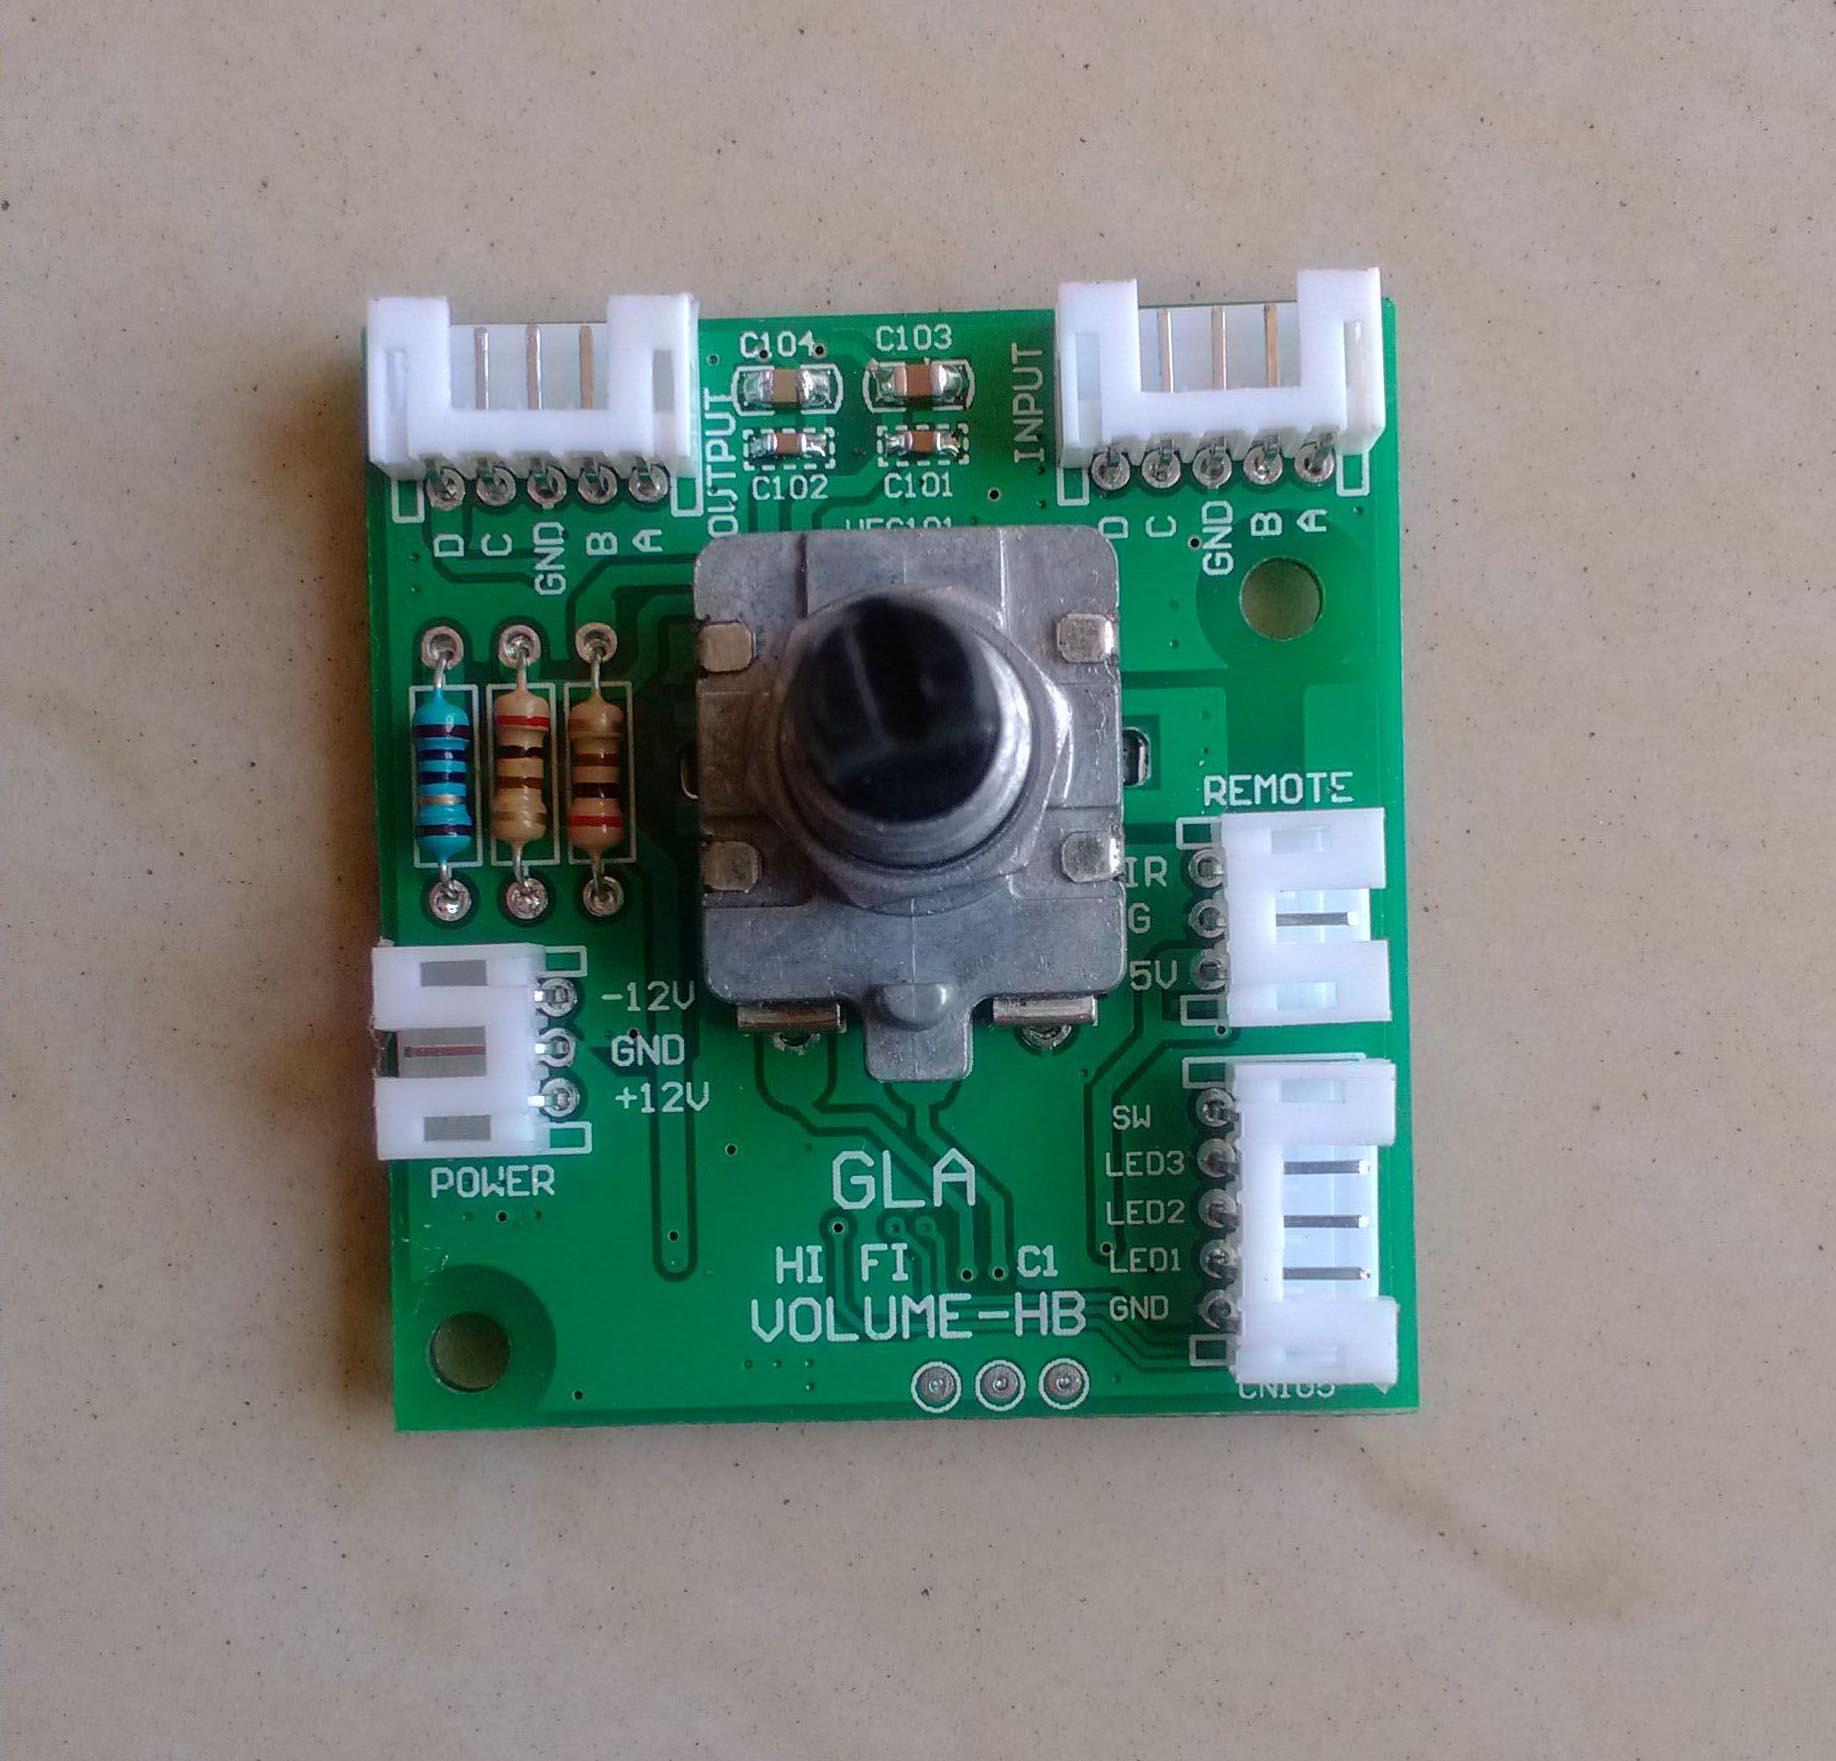 Hi-Fi 4-канальный/8-канальный объем Управление Панель дистанционного потенциометр баланс потенциометр (отображаемые